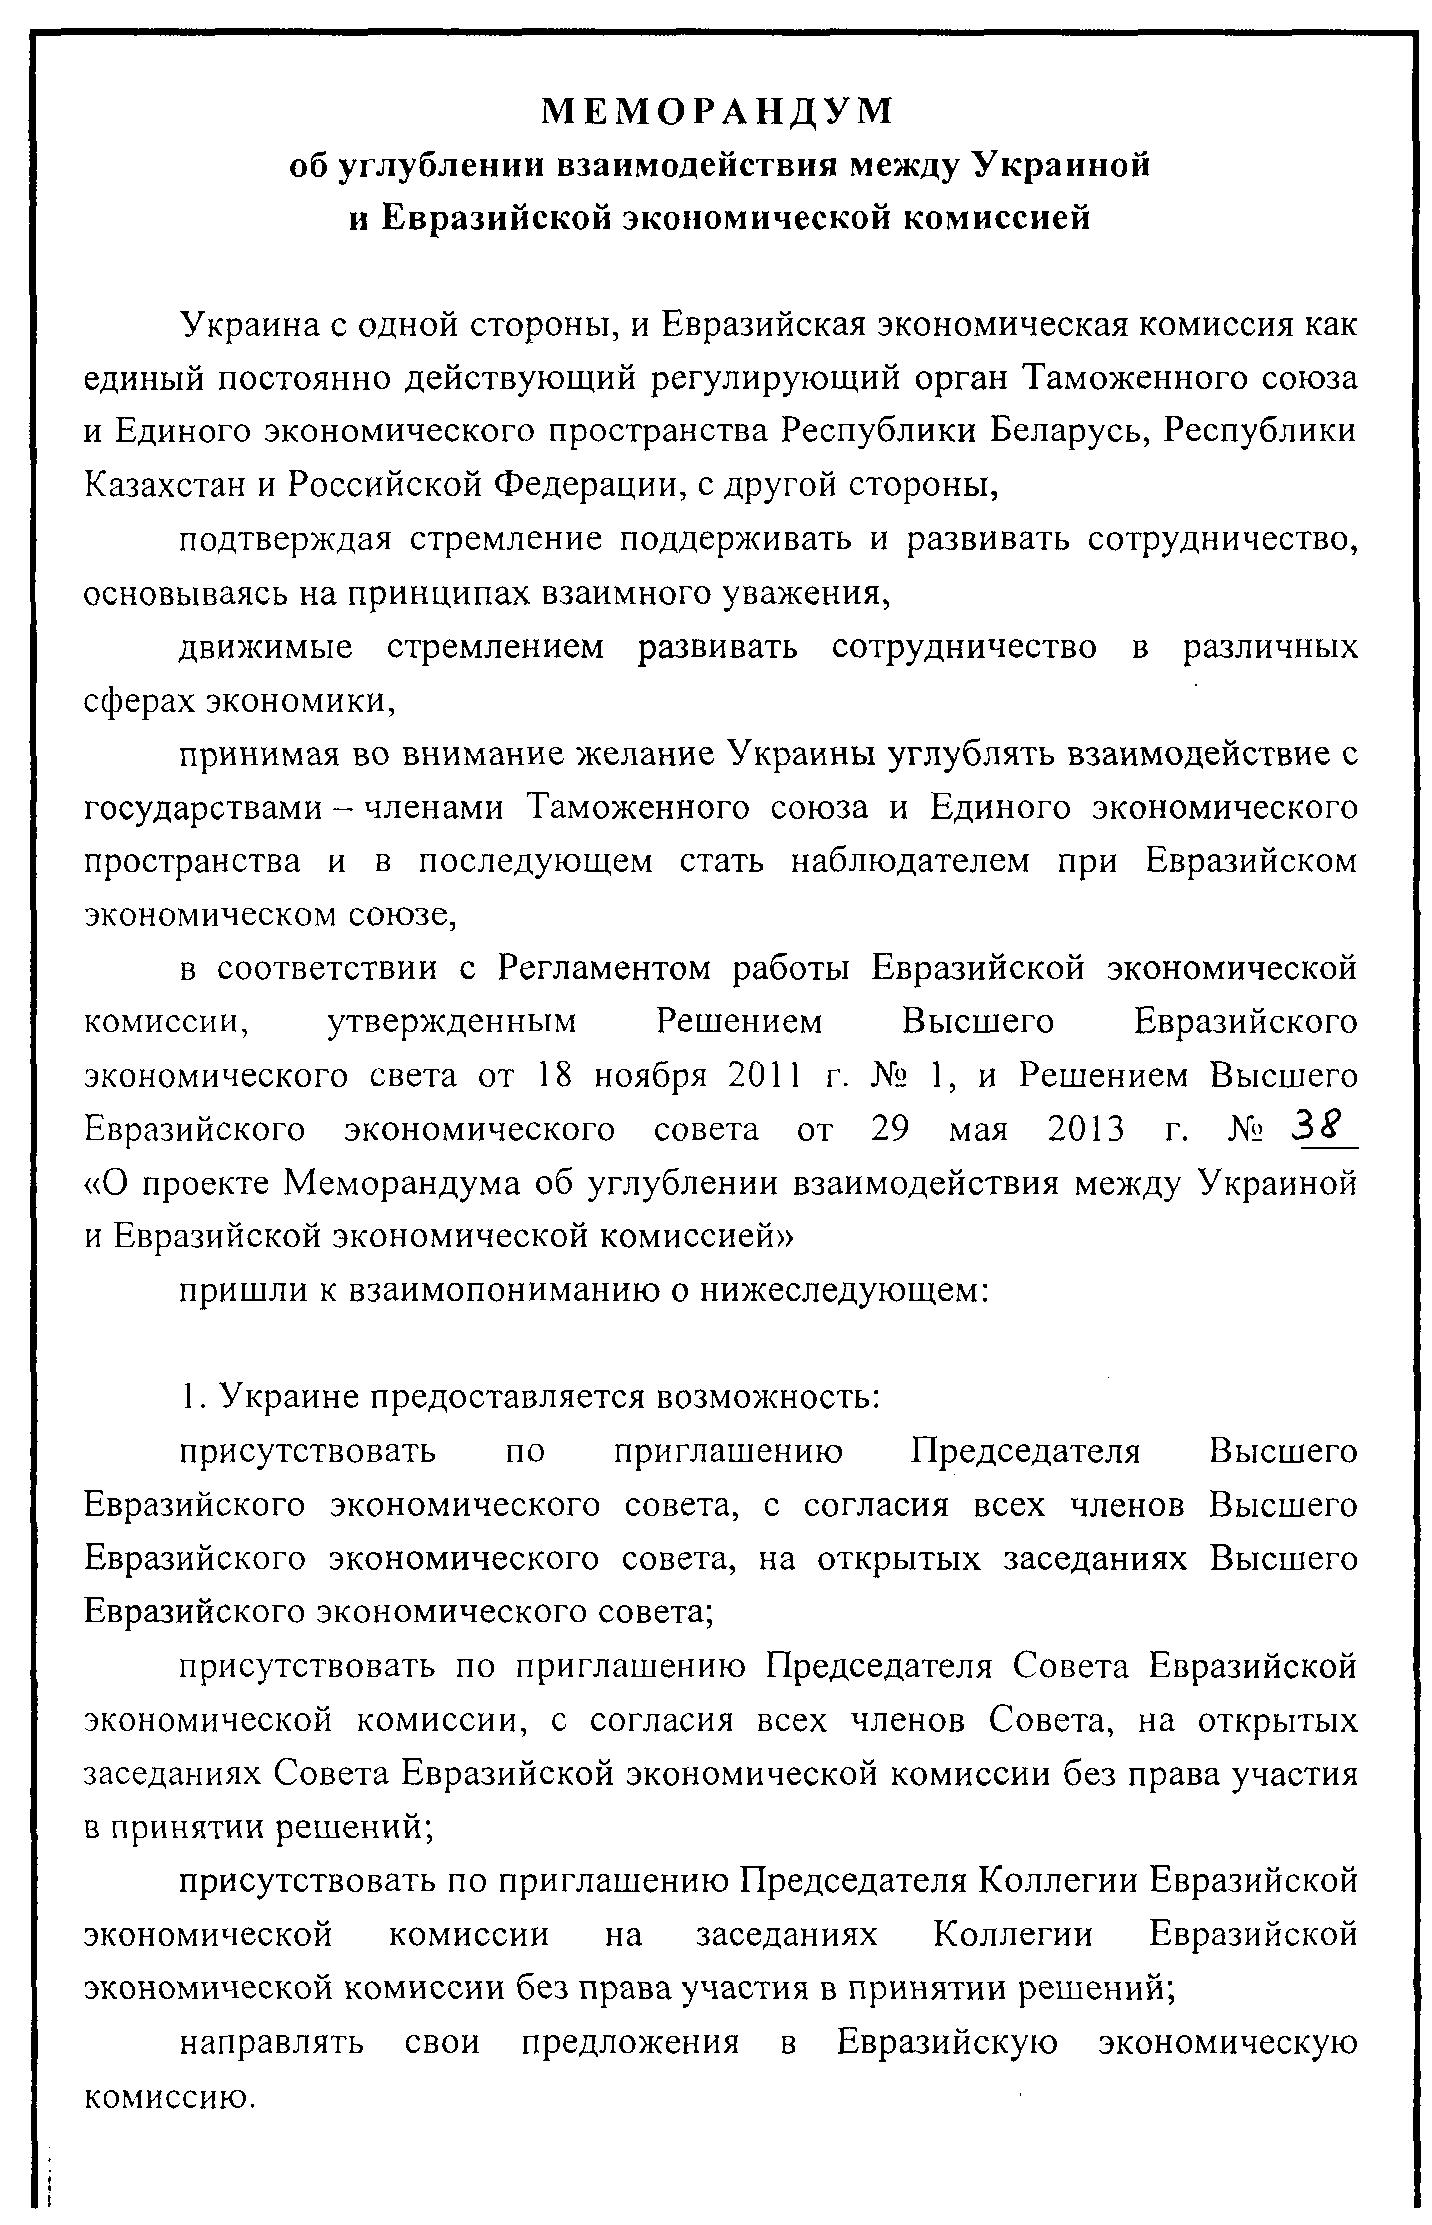 Кабмин опубликовал меморандум с Таможенным союзом: полный текст